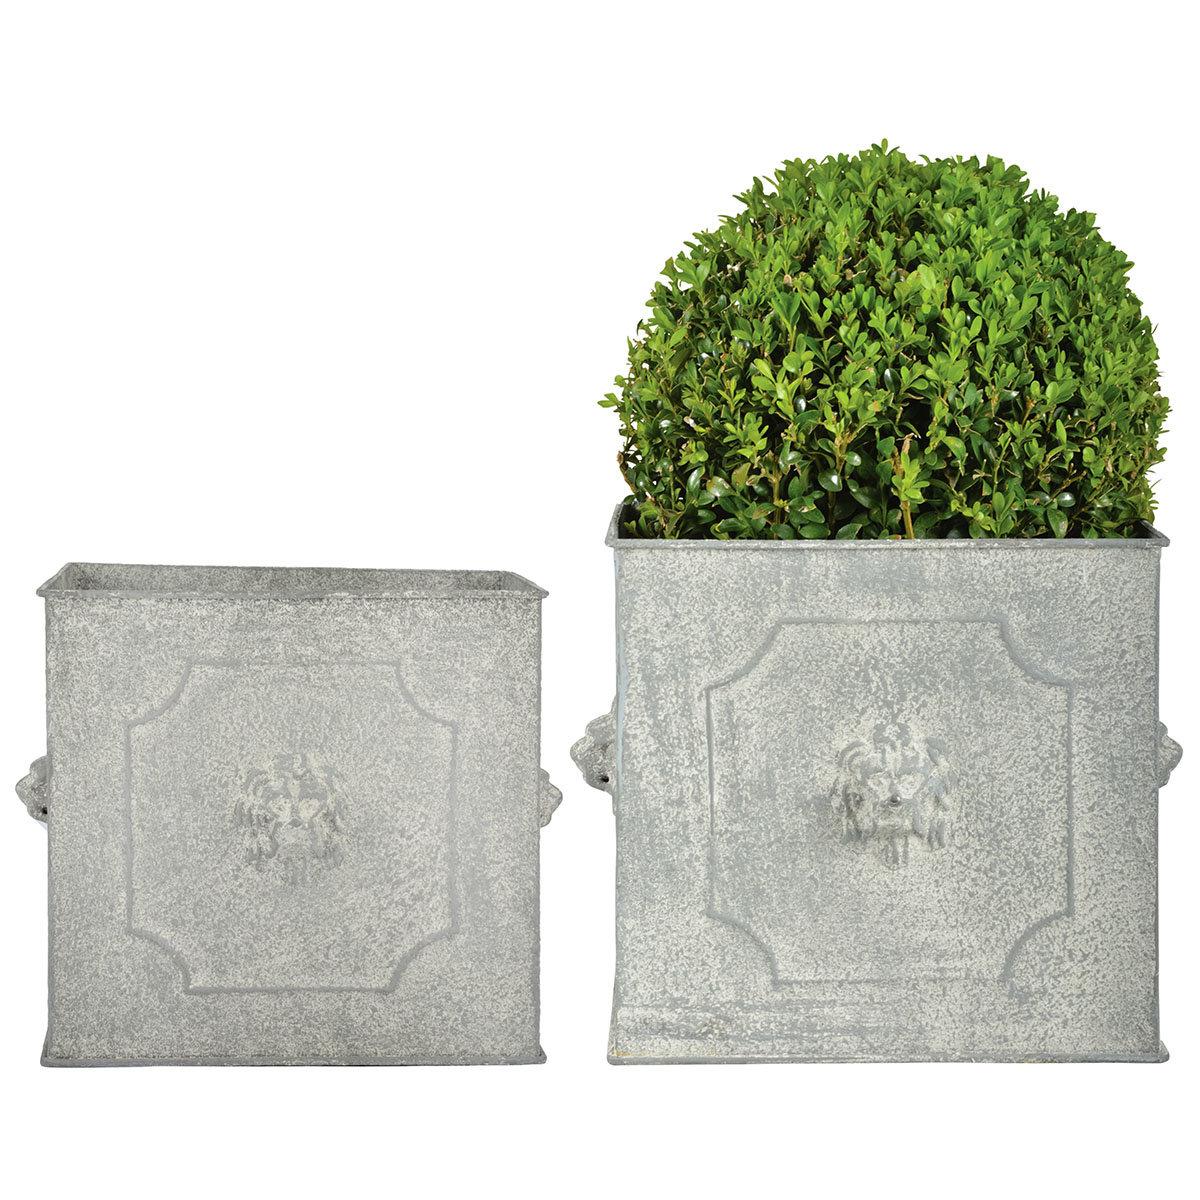 Pflanzkübel Rom, 2er-Set eckig, Stahl, weiß